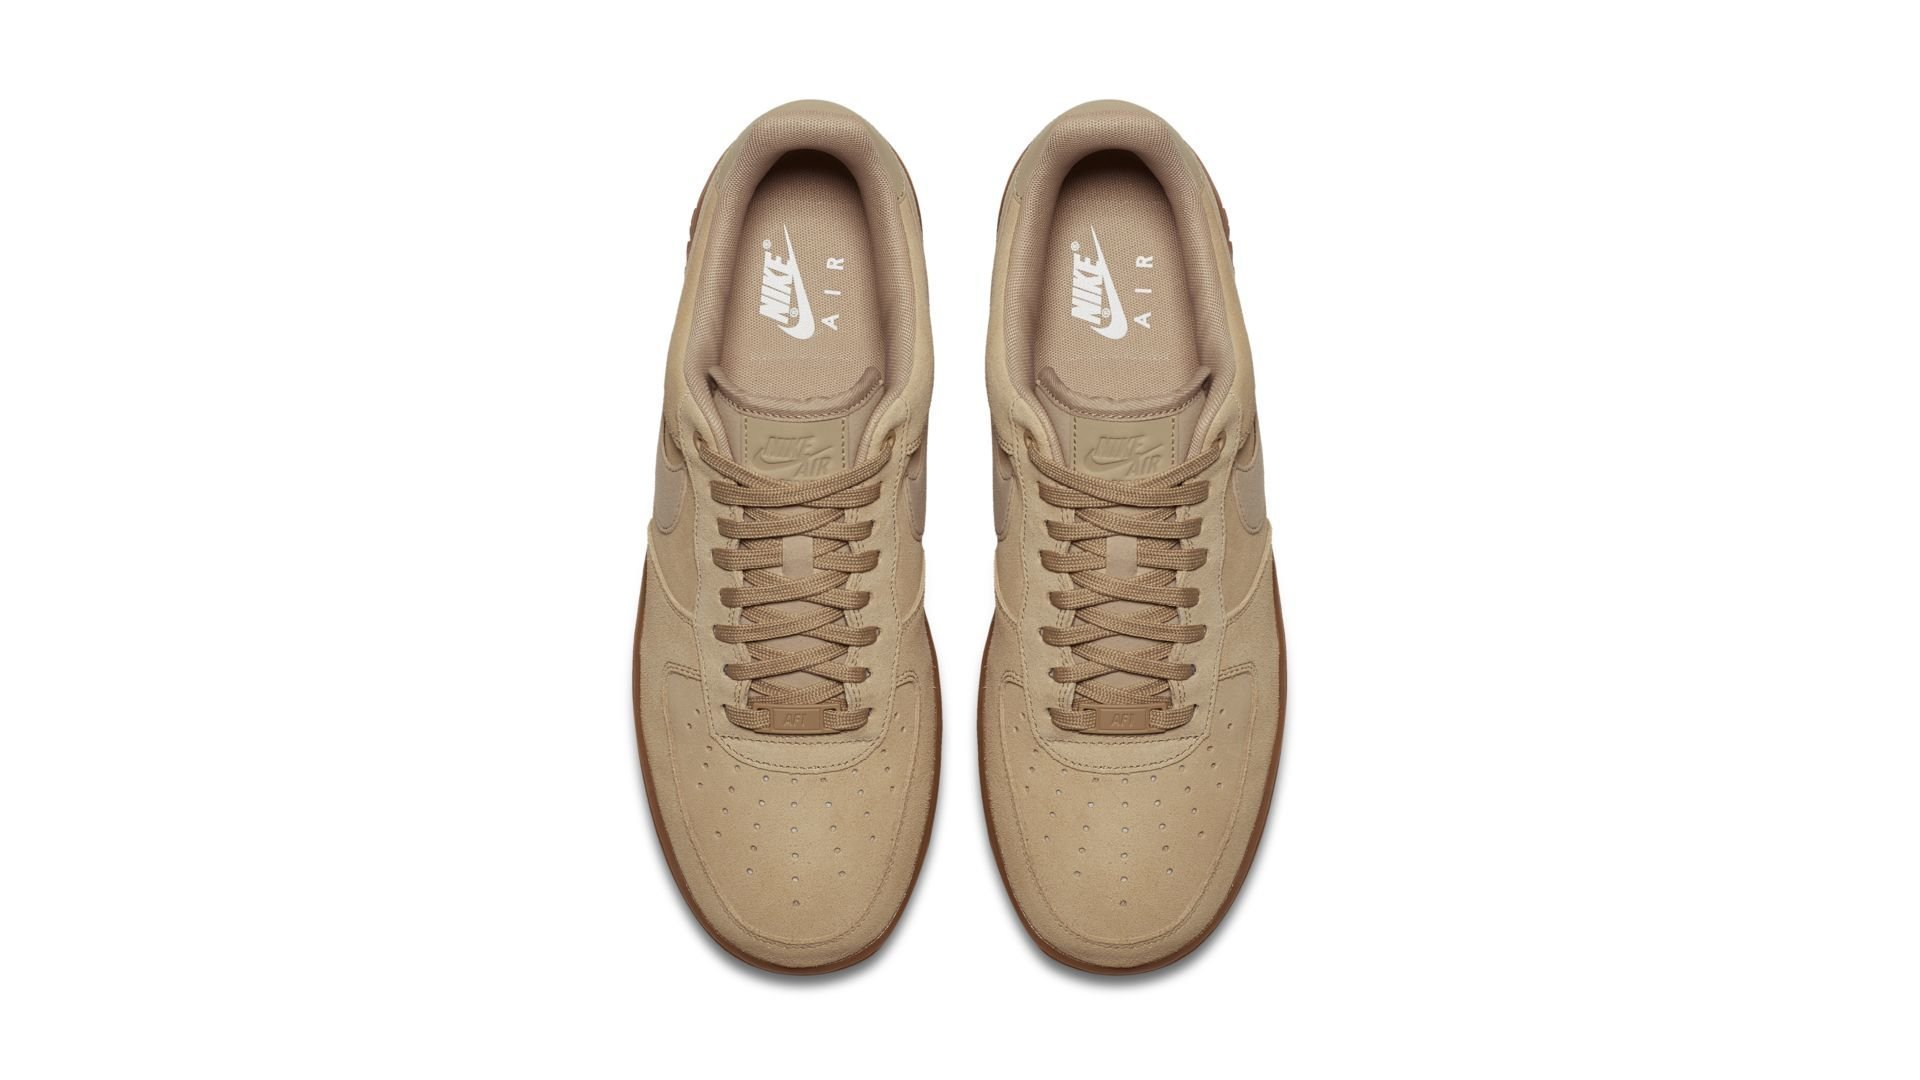 Nike Air Force 1 07 LV8 Suede 'Mushroom' (AA1117-200)